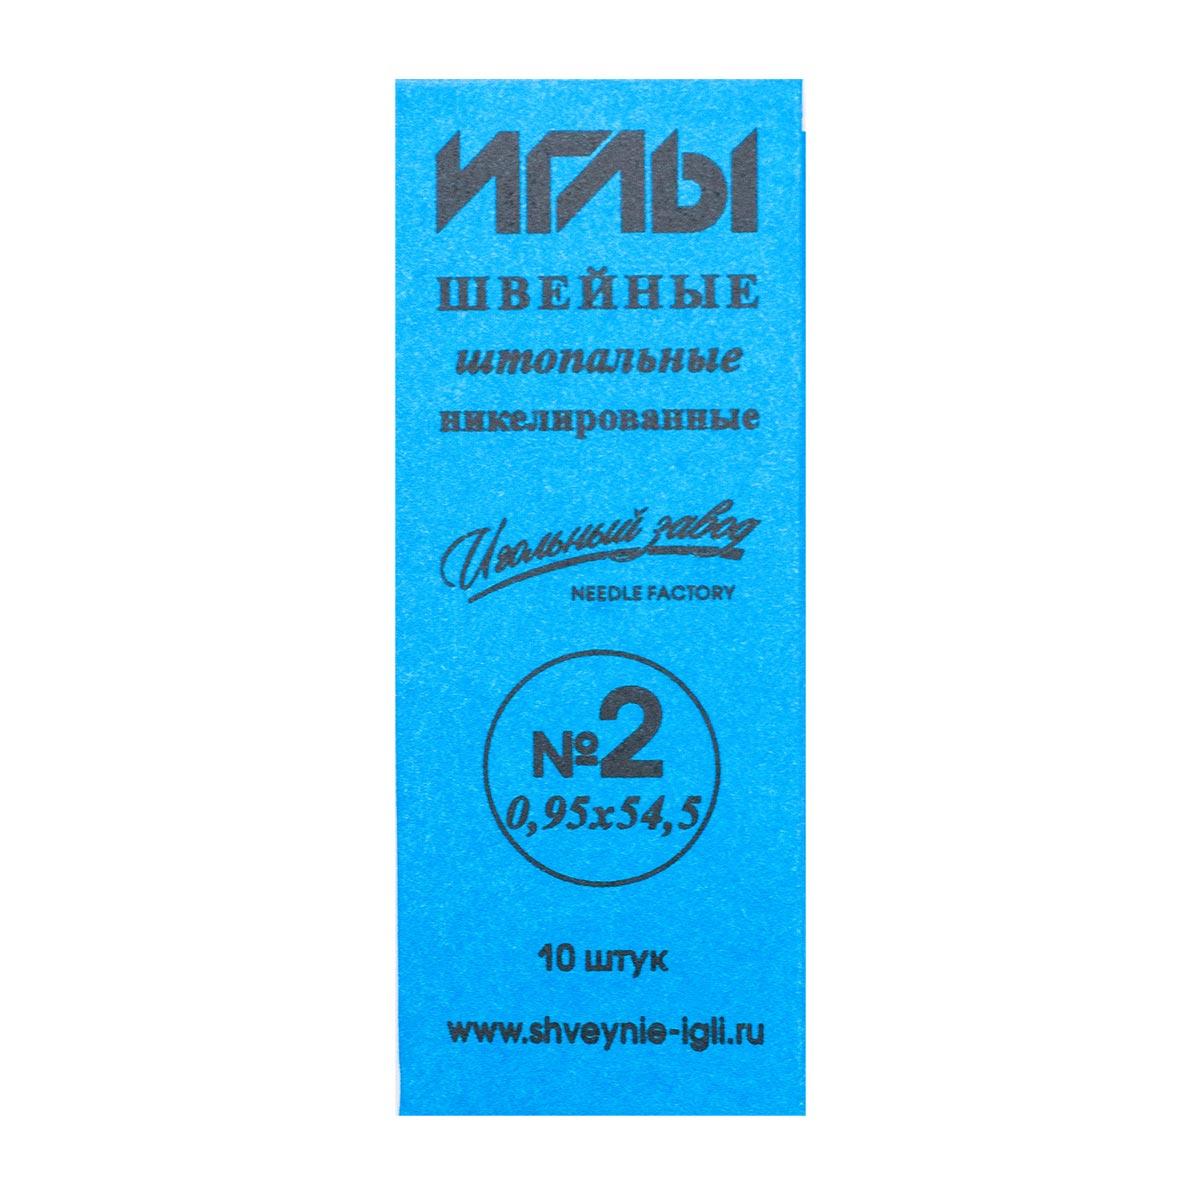 ИЗ-200130 Иглы швейные ручные №2 штопальные никелированные (0,95х54,5), 10 штук